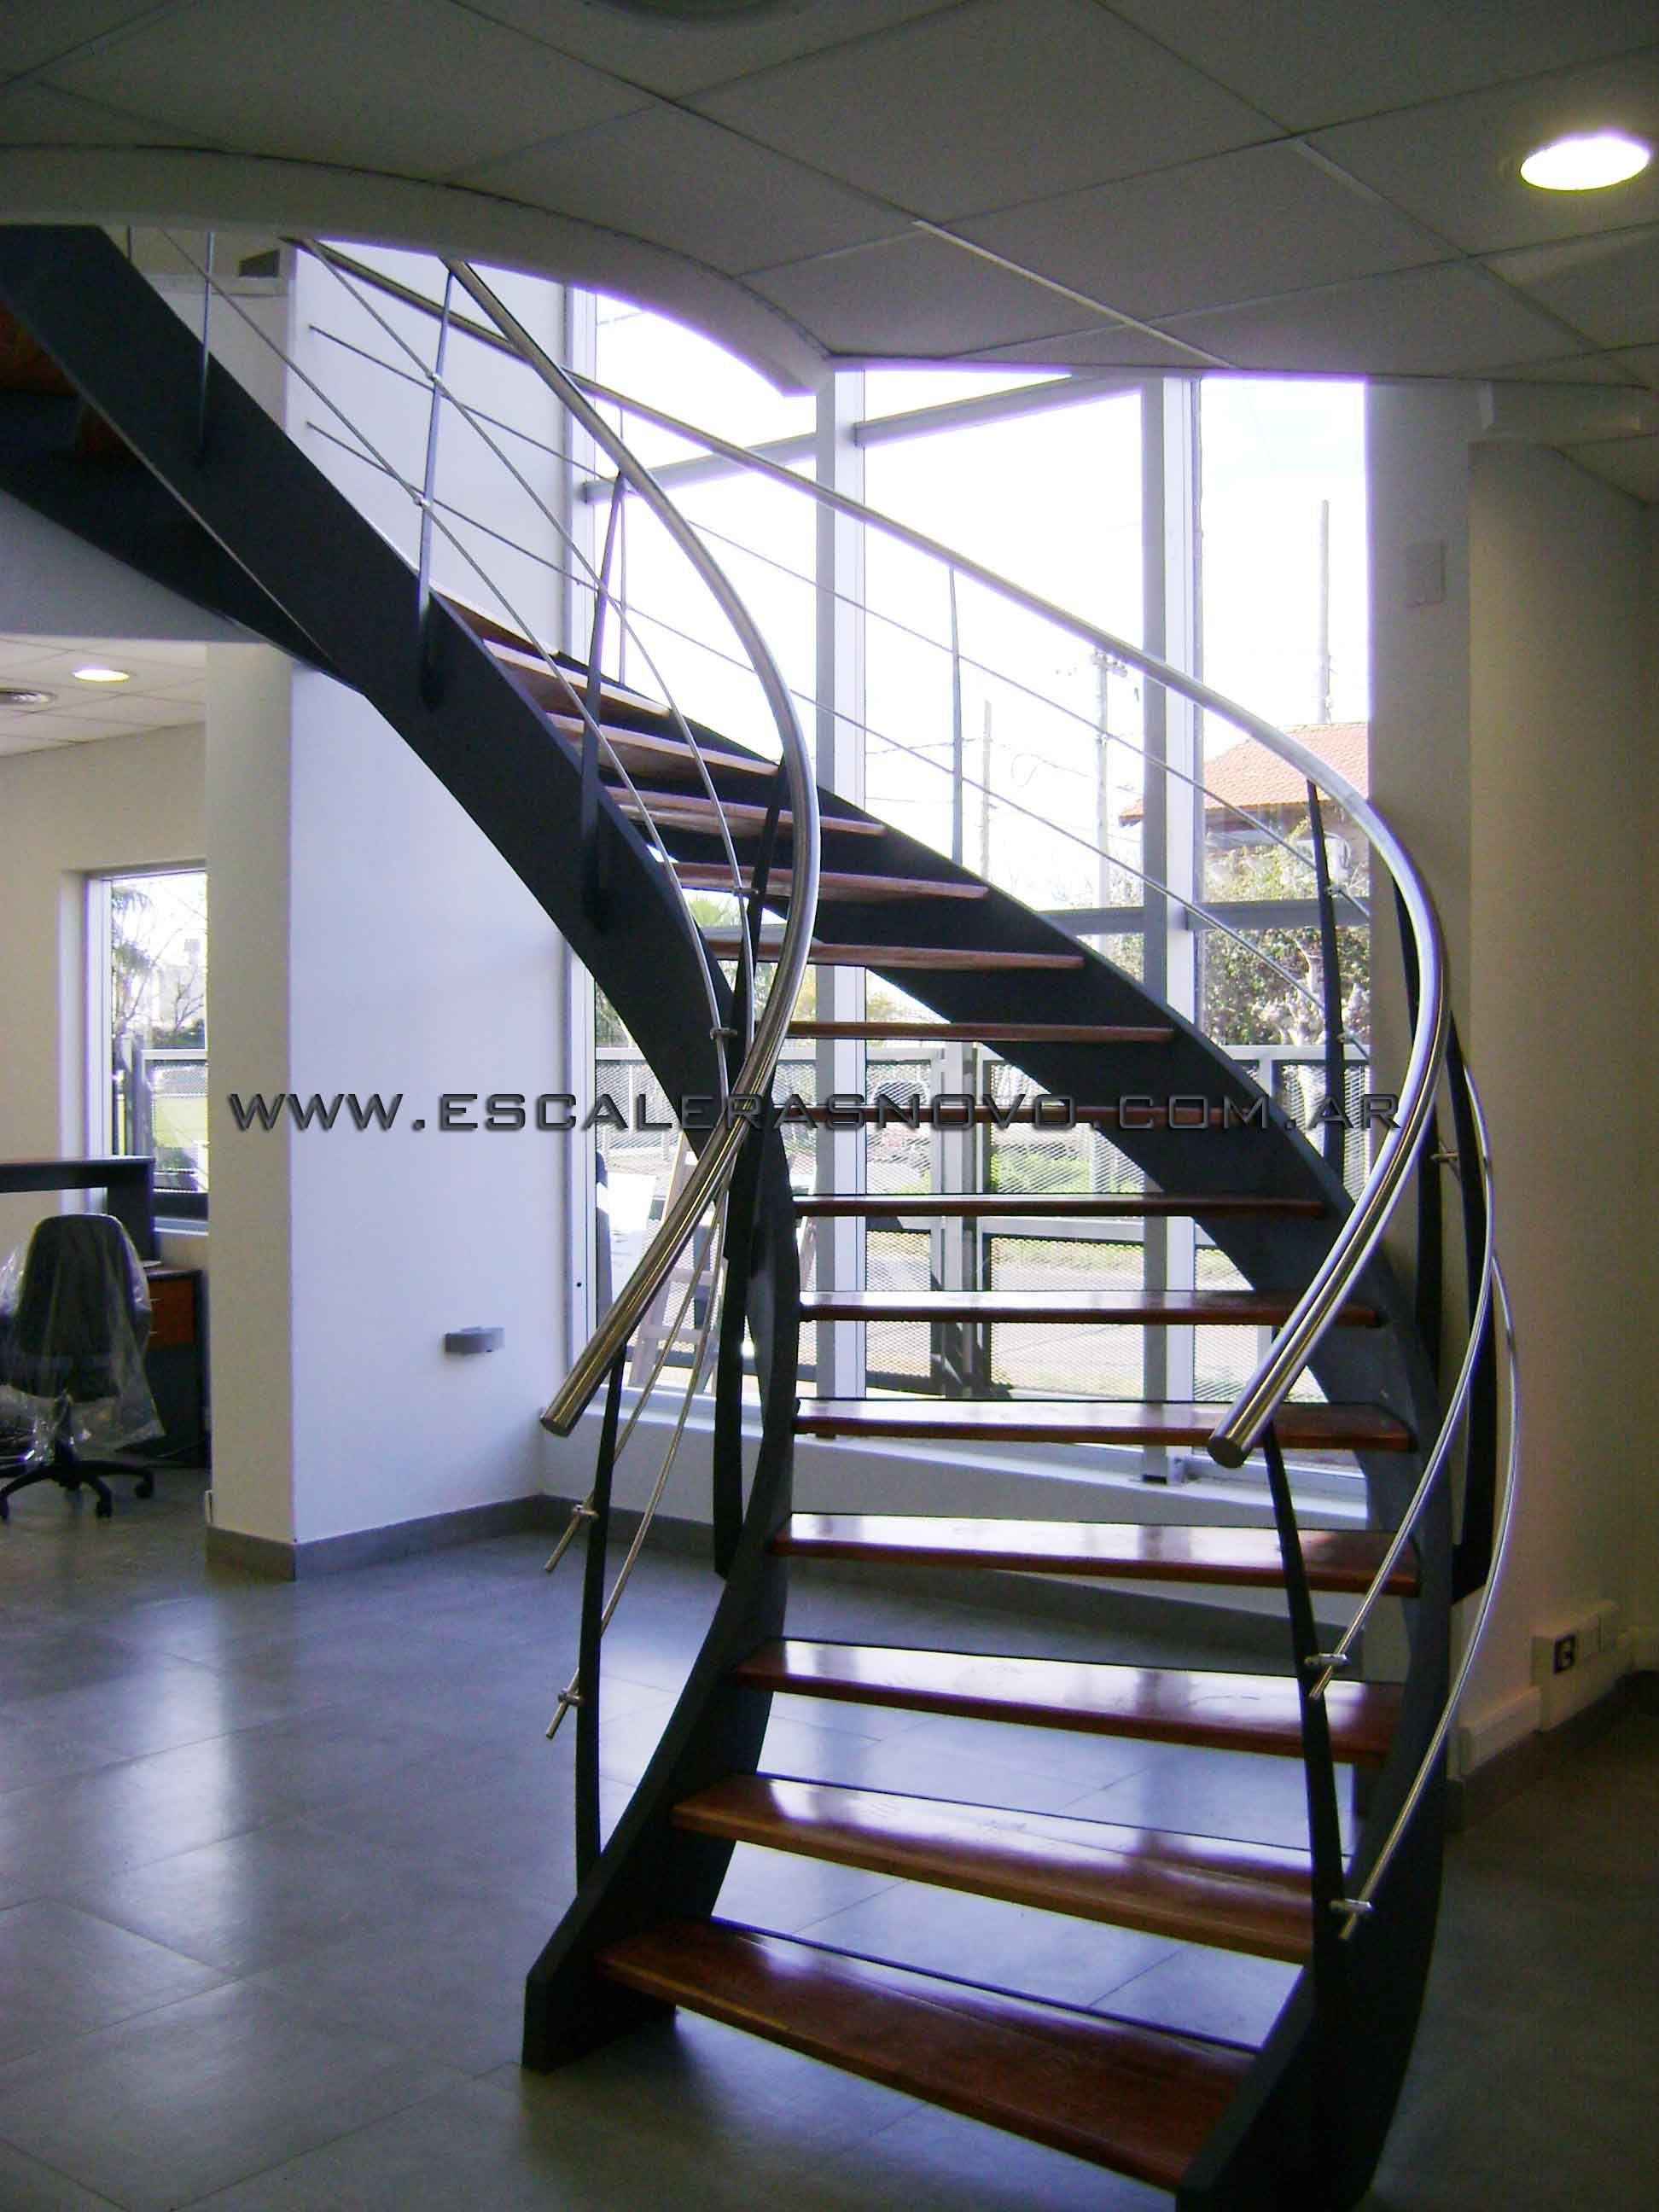 Escalera cinta helicoidal n 13 venta de escaleras y for Escaleras helicoidales